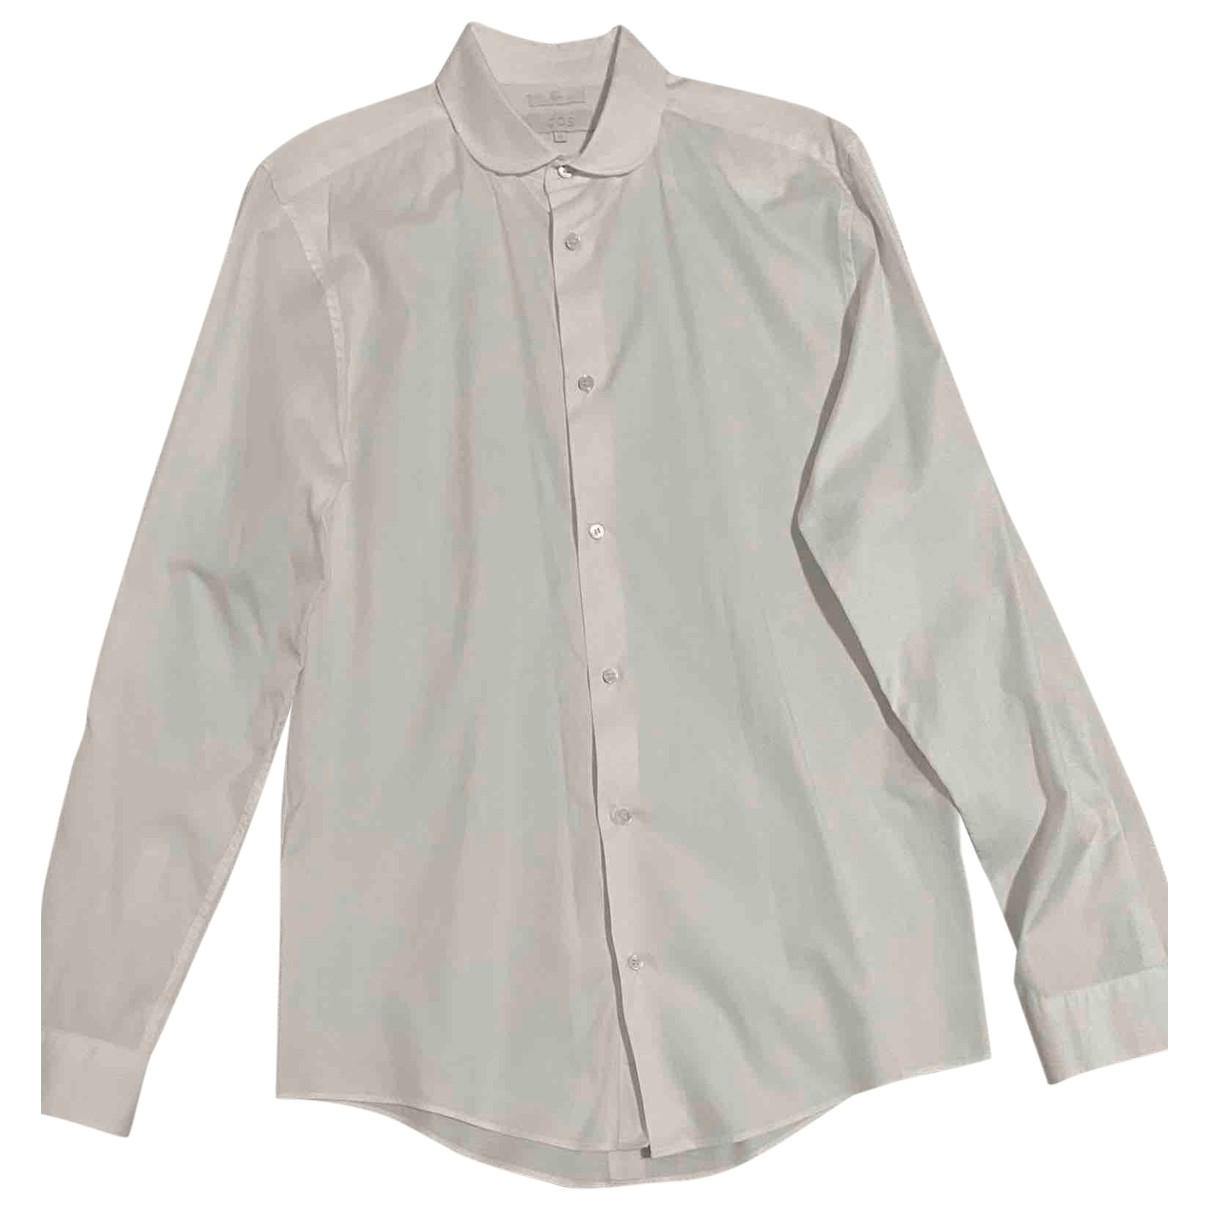 Cos - Chemises   pour homme en coton - blanc